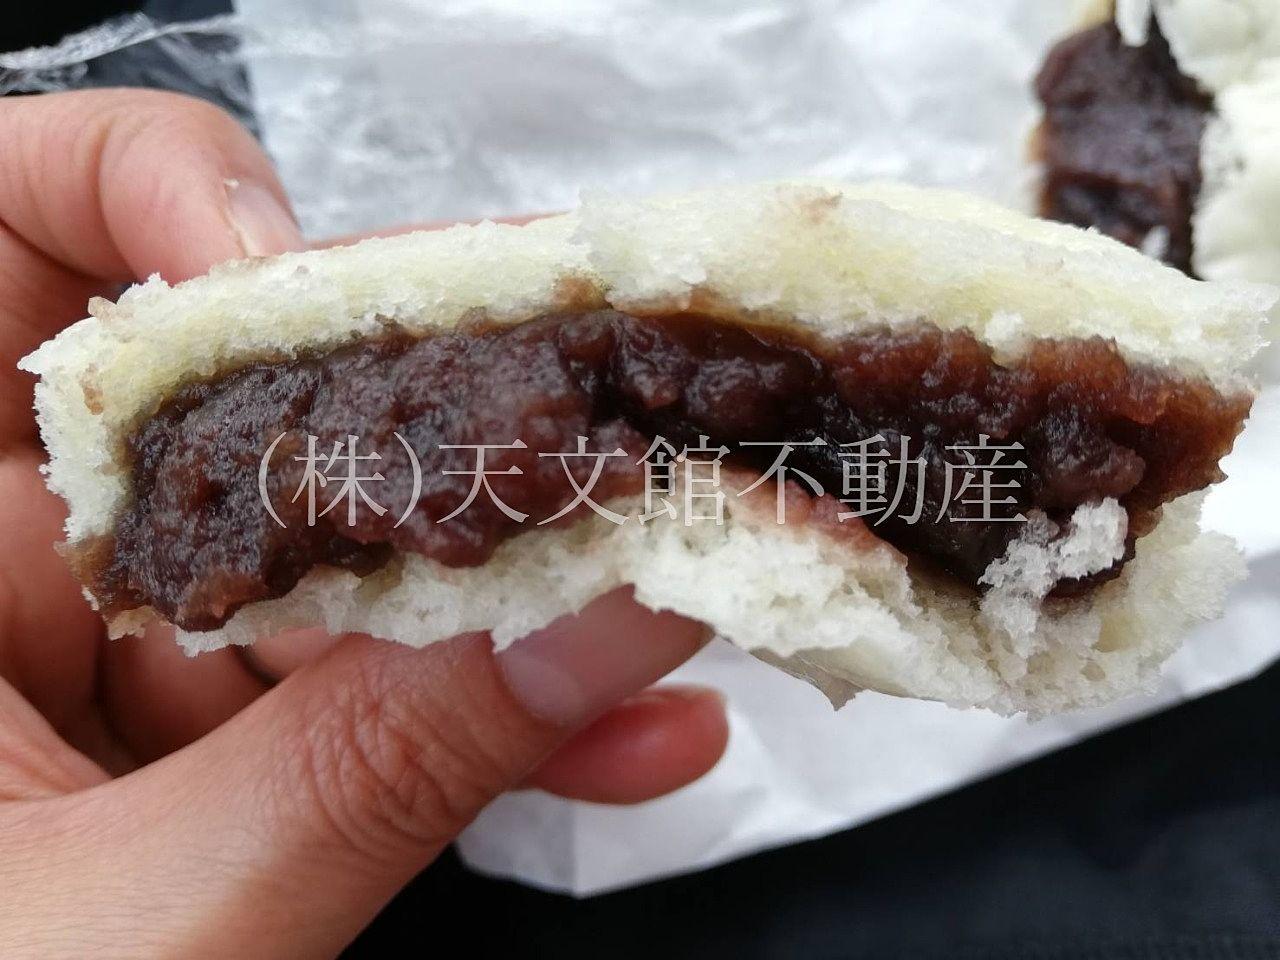 姶良市加治木町「新道屋」加治木饅頭の有名店です。餡子がぎっしりで美味しいかじき饅頭です。